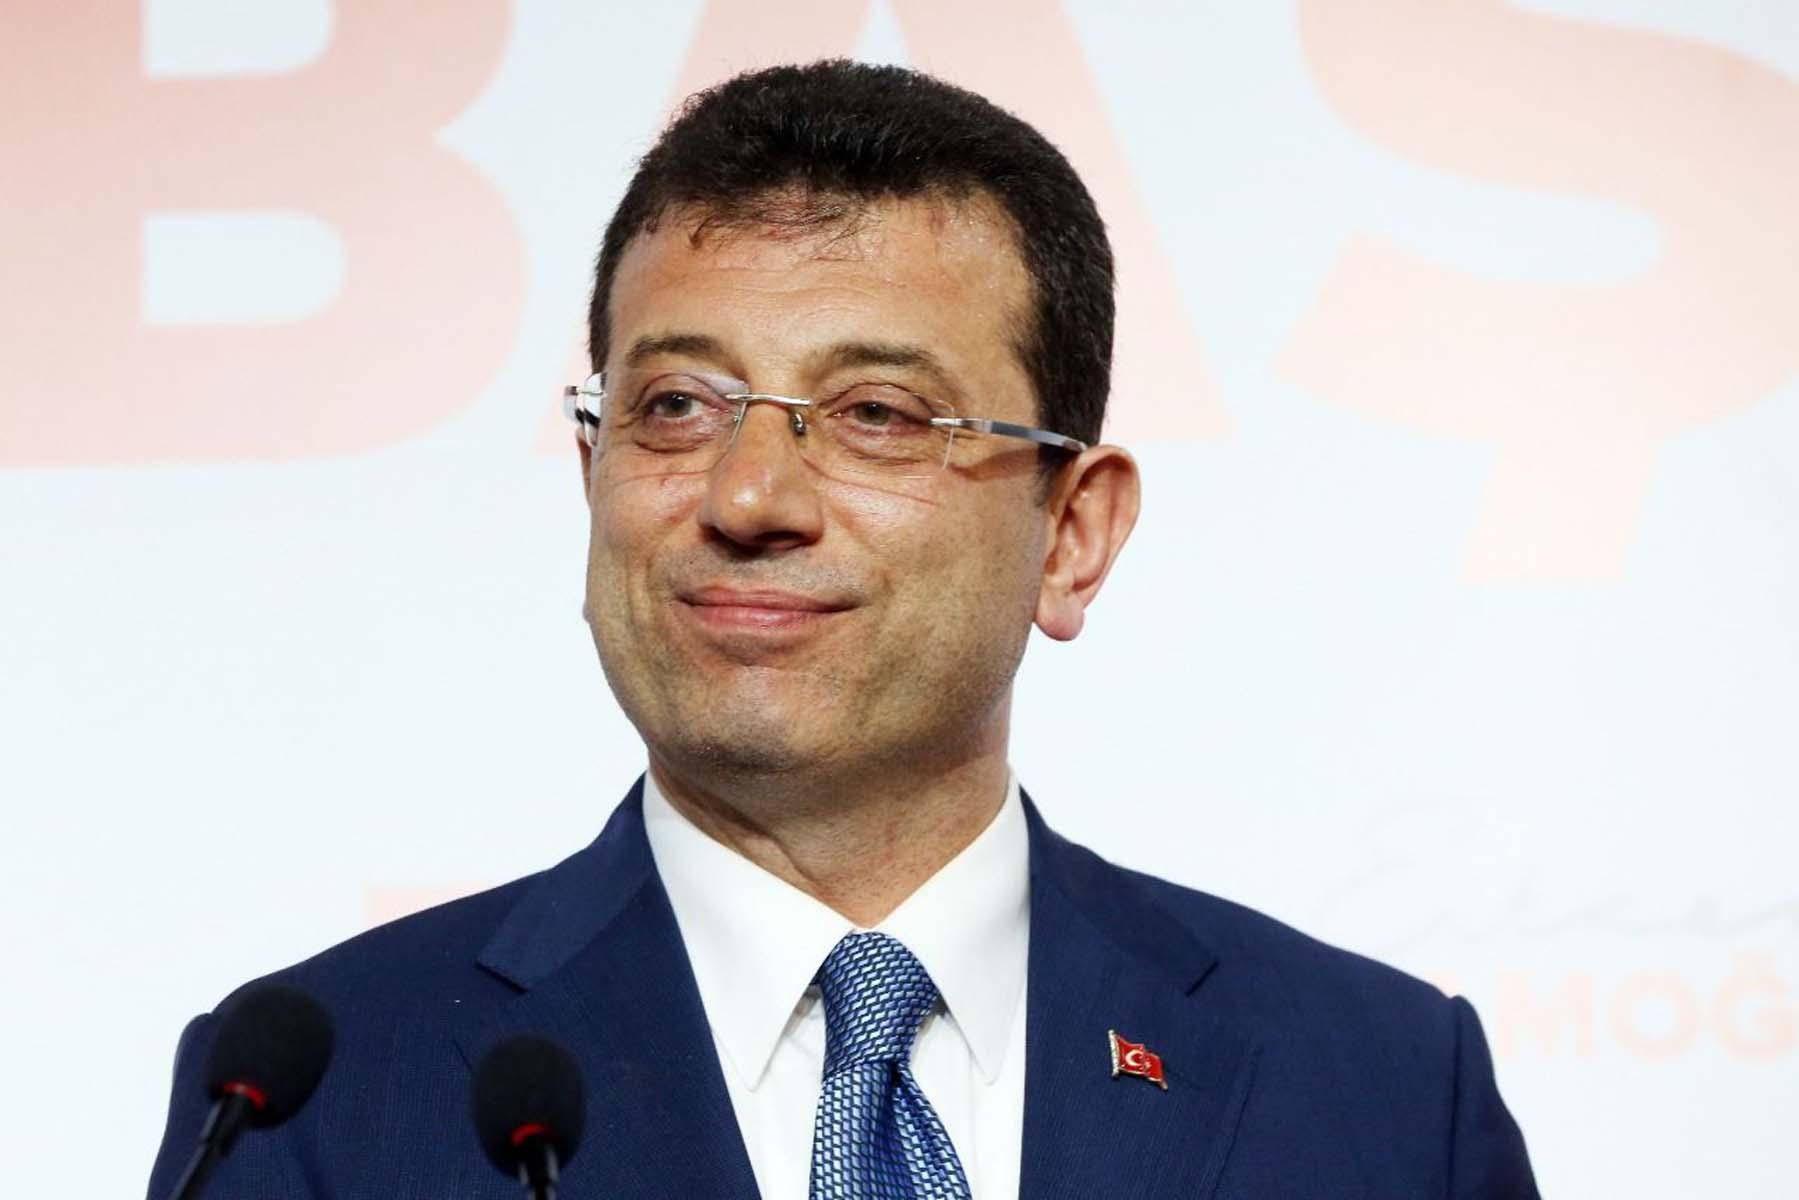 Hıncal Uluç, seçim sloganı üzerinden Ekrem İmamoğlu'nu eleştirdi: Hiçbir şey çok güzel olmadı, tersine çok şey, çok berbat oldu